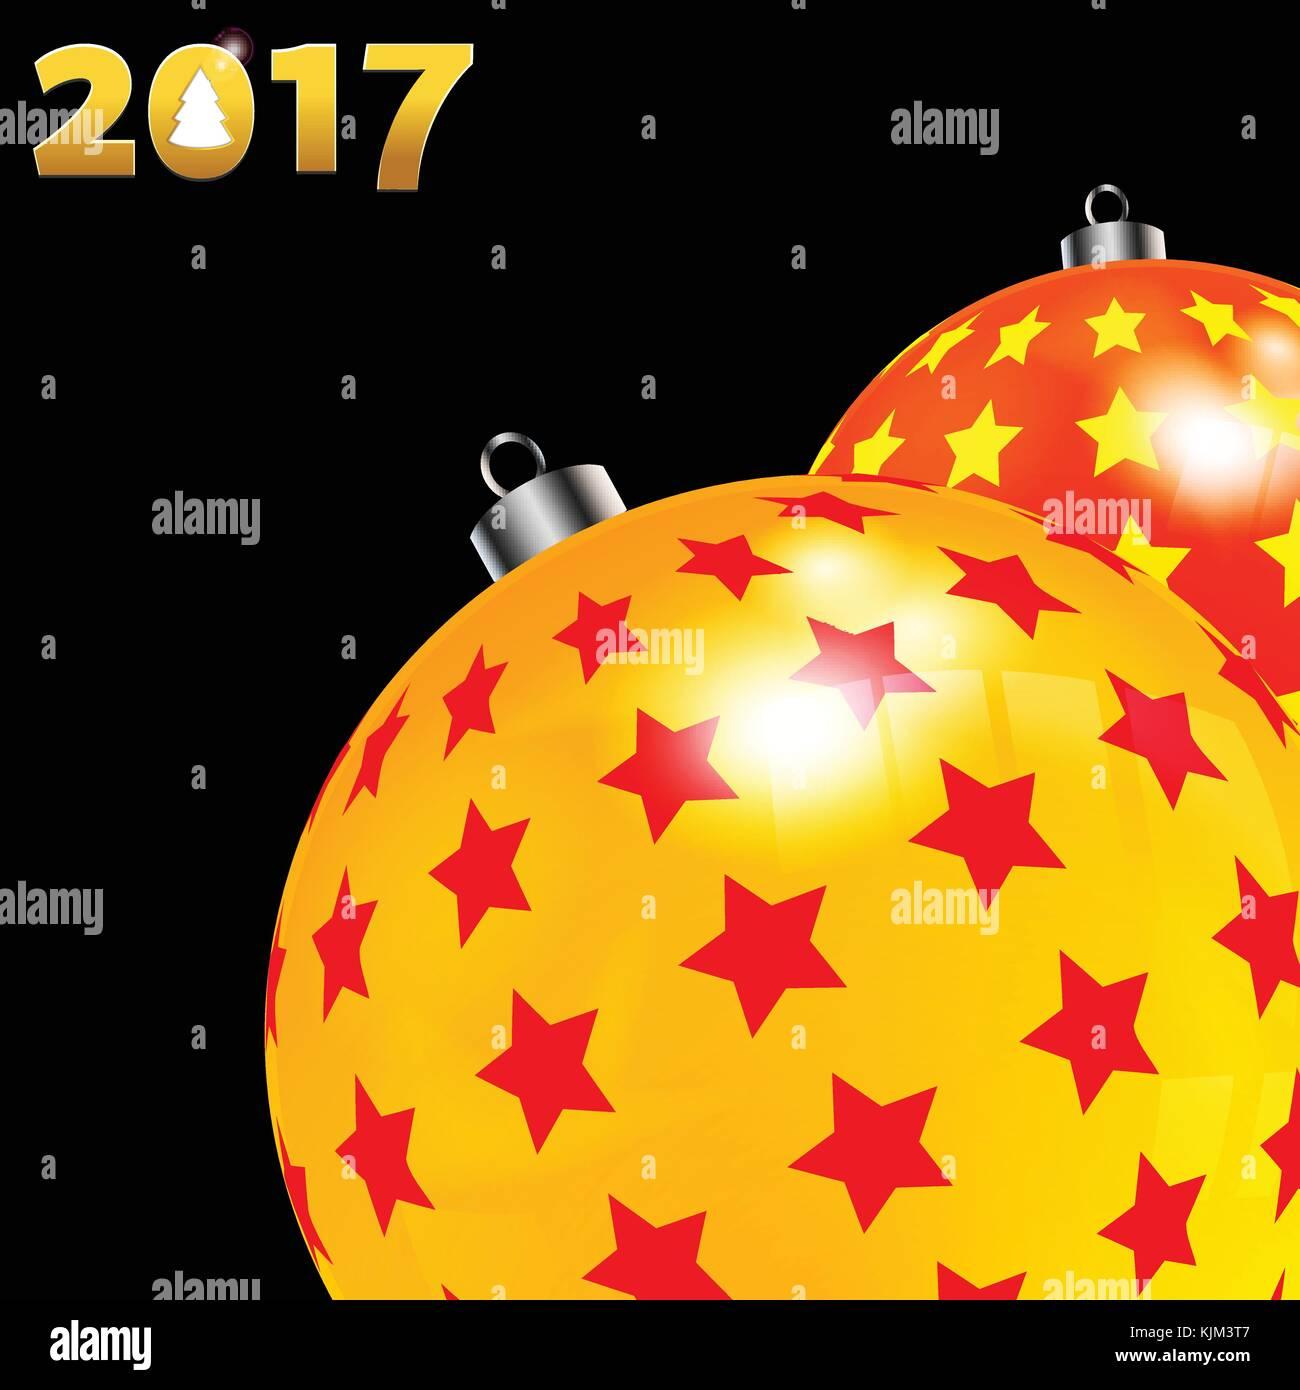 Christbaumkugeln Gelb.3d Darstellung Der Weihnachten Dekoriert Christbaumkugeln Rot Und